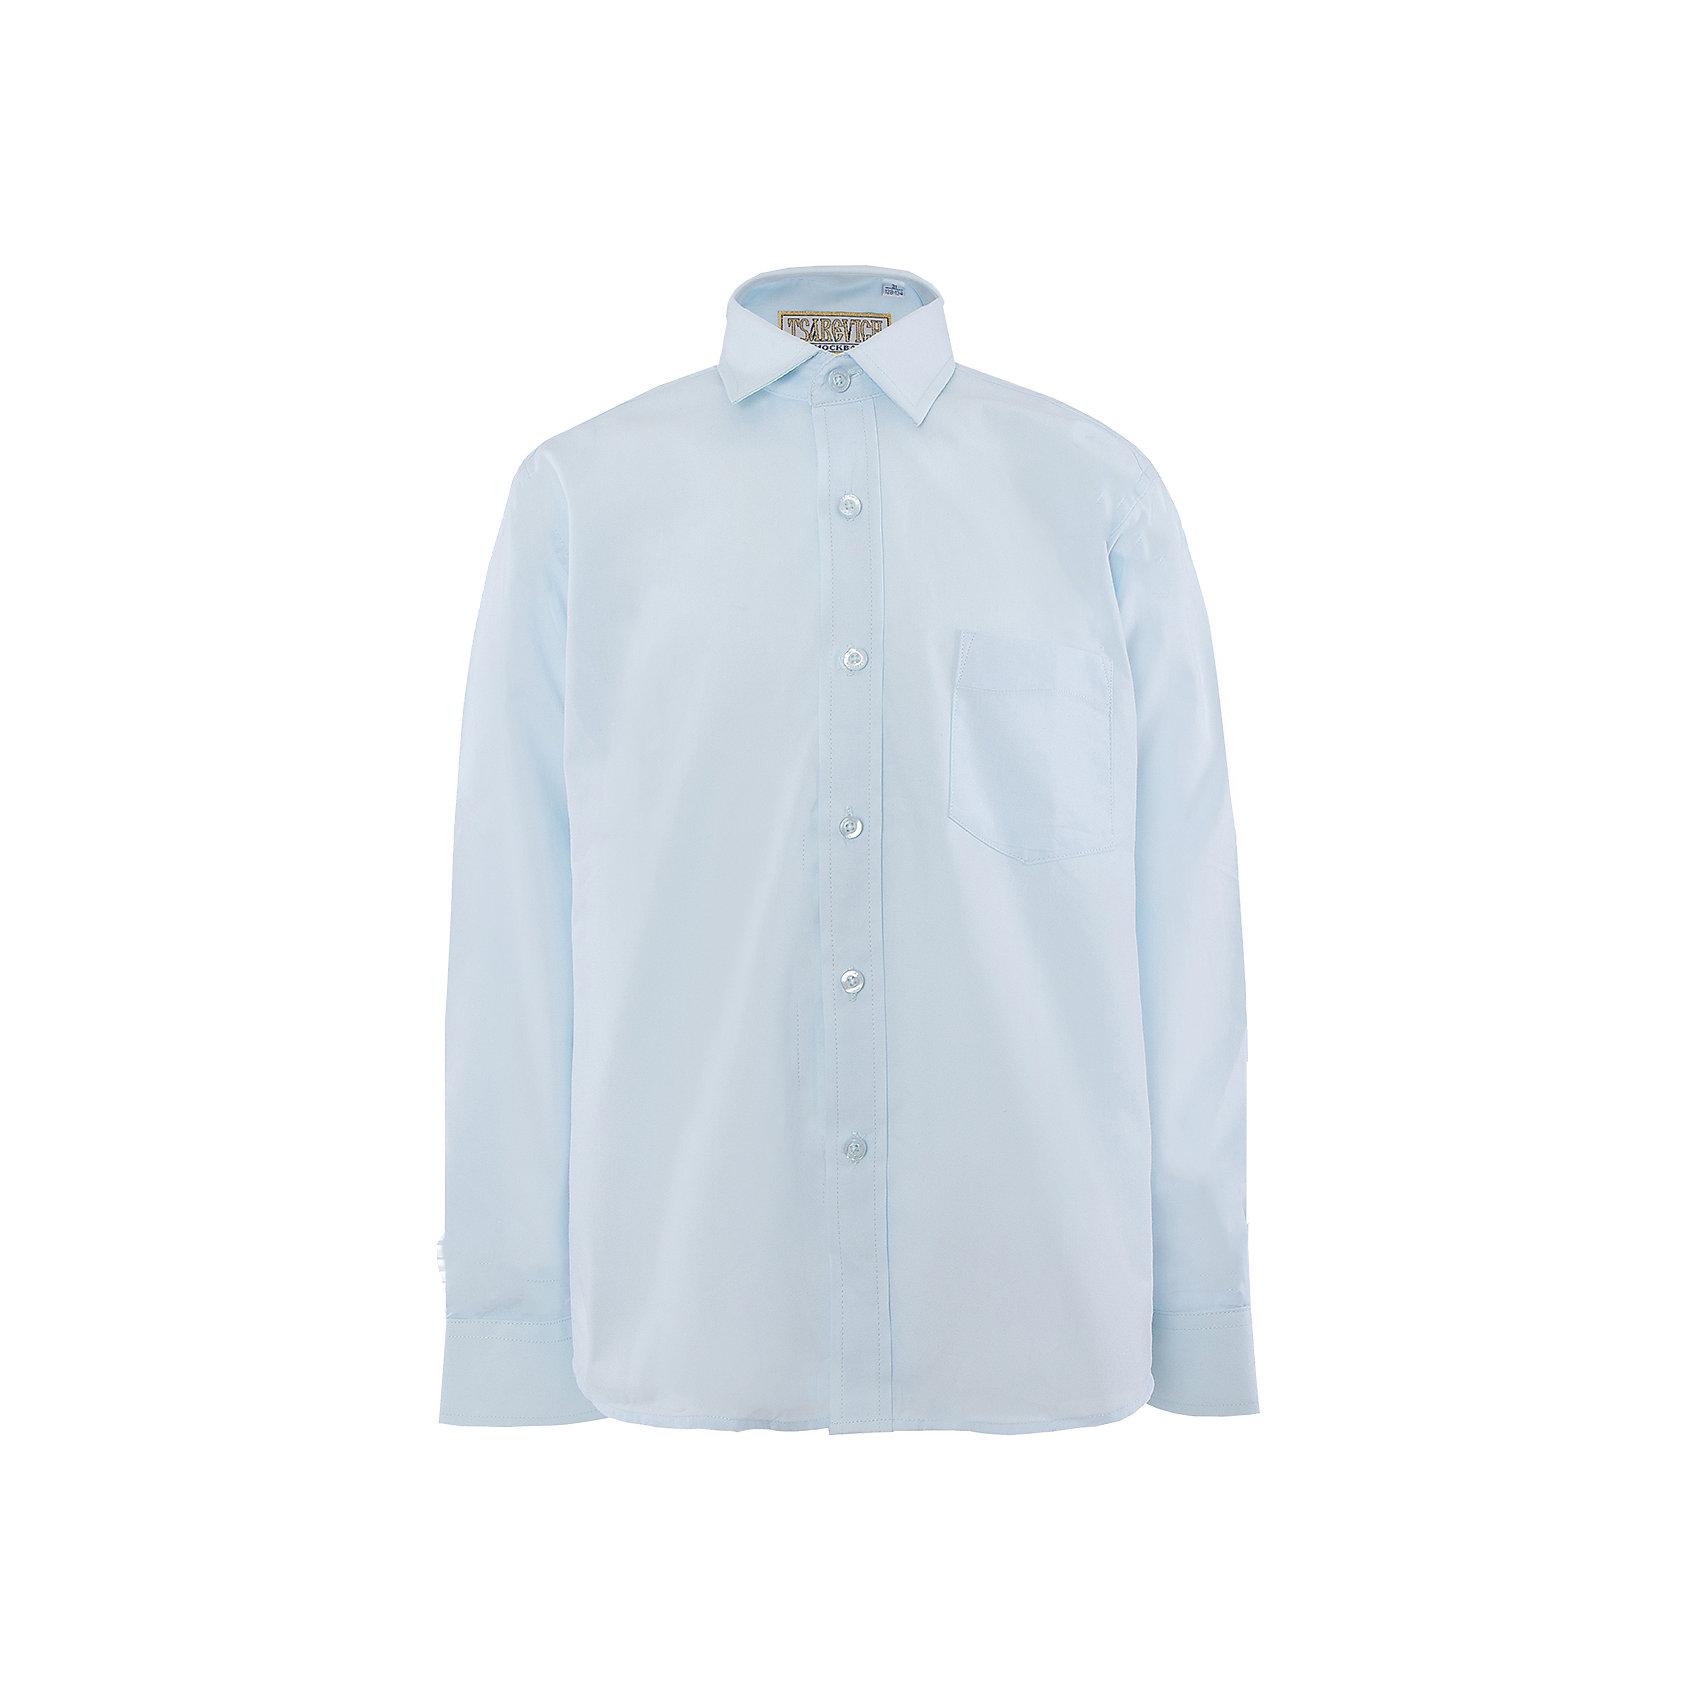 Рубашка для мальчика TsarevichБлузки и рубашки<br>Классическая рубашка - неотьемлемая вещь в гардеробе. Модель на пуговицах, с отложным воротником. Свободный покрой не стеснит движений и позволит чувствовать себя комфортно каждый день.  Состав 80 % хл. 20% П/Э<br><br>Ширина мм: 174<br>Глубина мм: 10<br>Высота мм: 169<br>Вес г: 157<br>Цвет: голубой<br>Возраст от месяцев: 132<br>Возраст до месяцев: 144<br>Пол: Мужской<br>Возраст: Детский<br>Размер: 146/152,164/170,122/128,128/134,134/140,140/146,146/152,152/158,152/158,158/164<br>SKU: 4749326